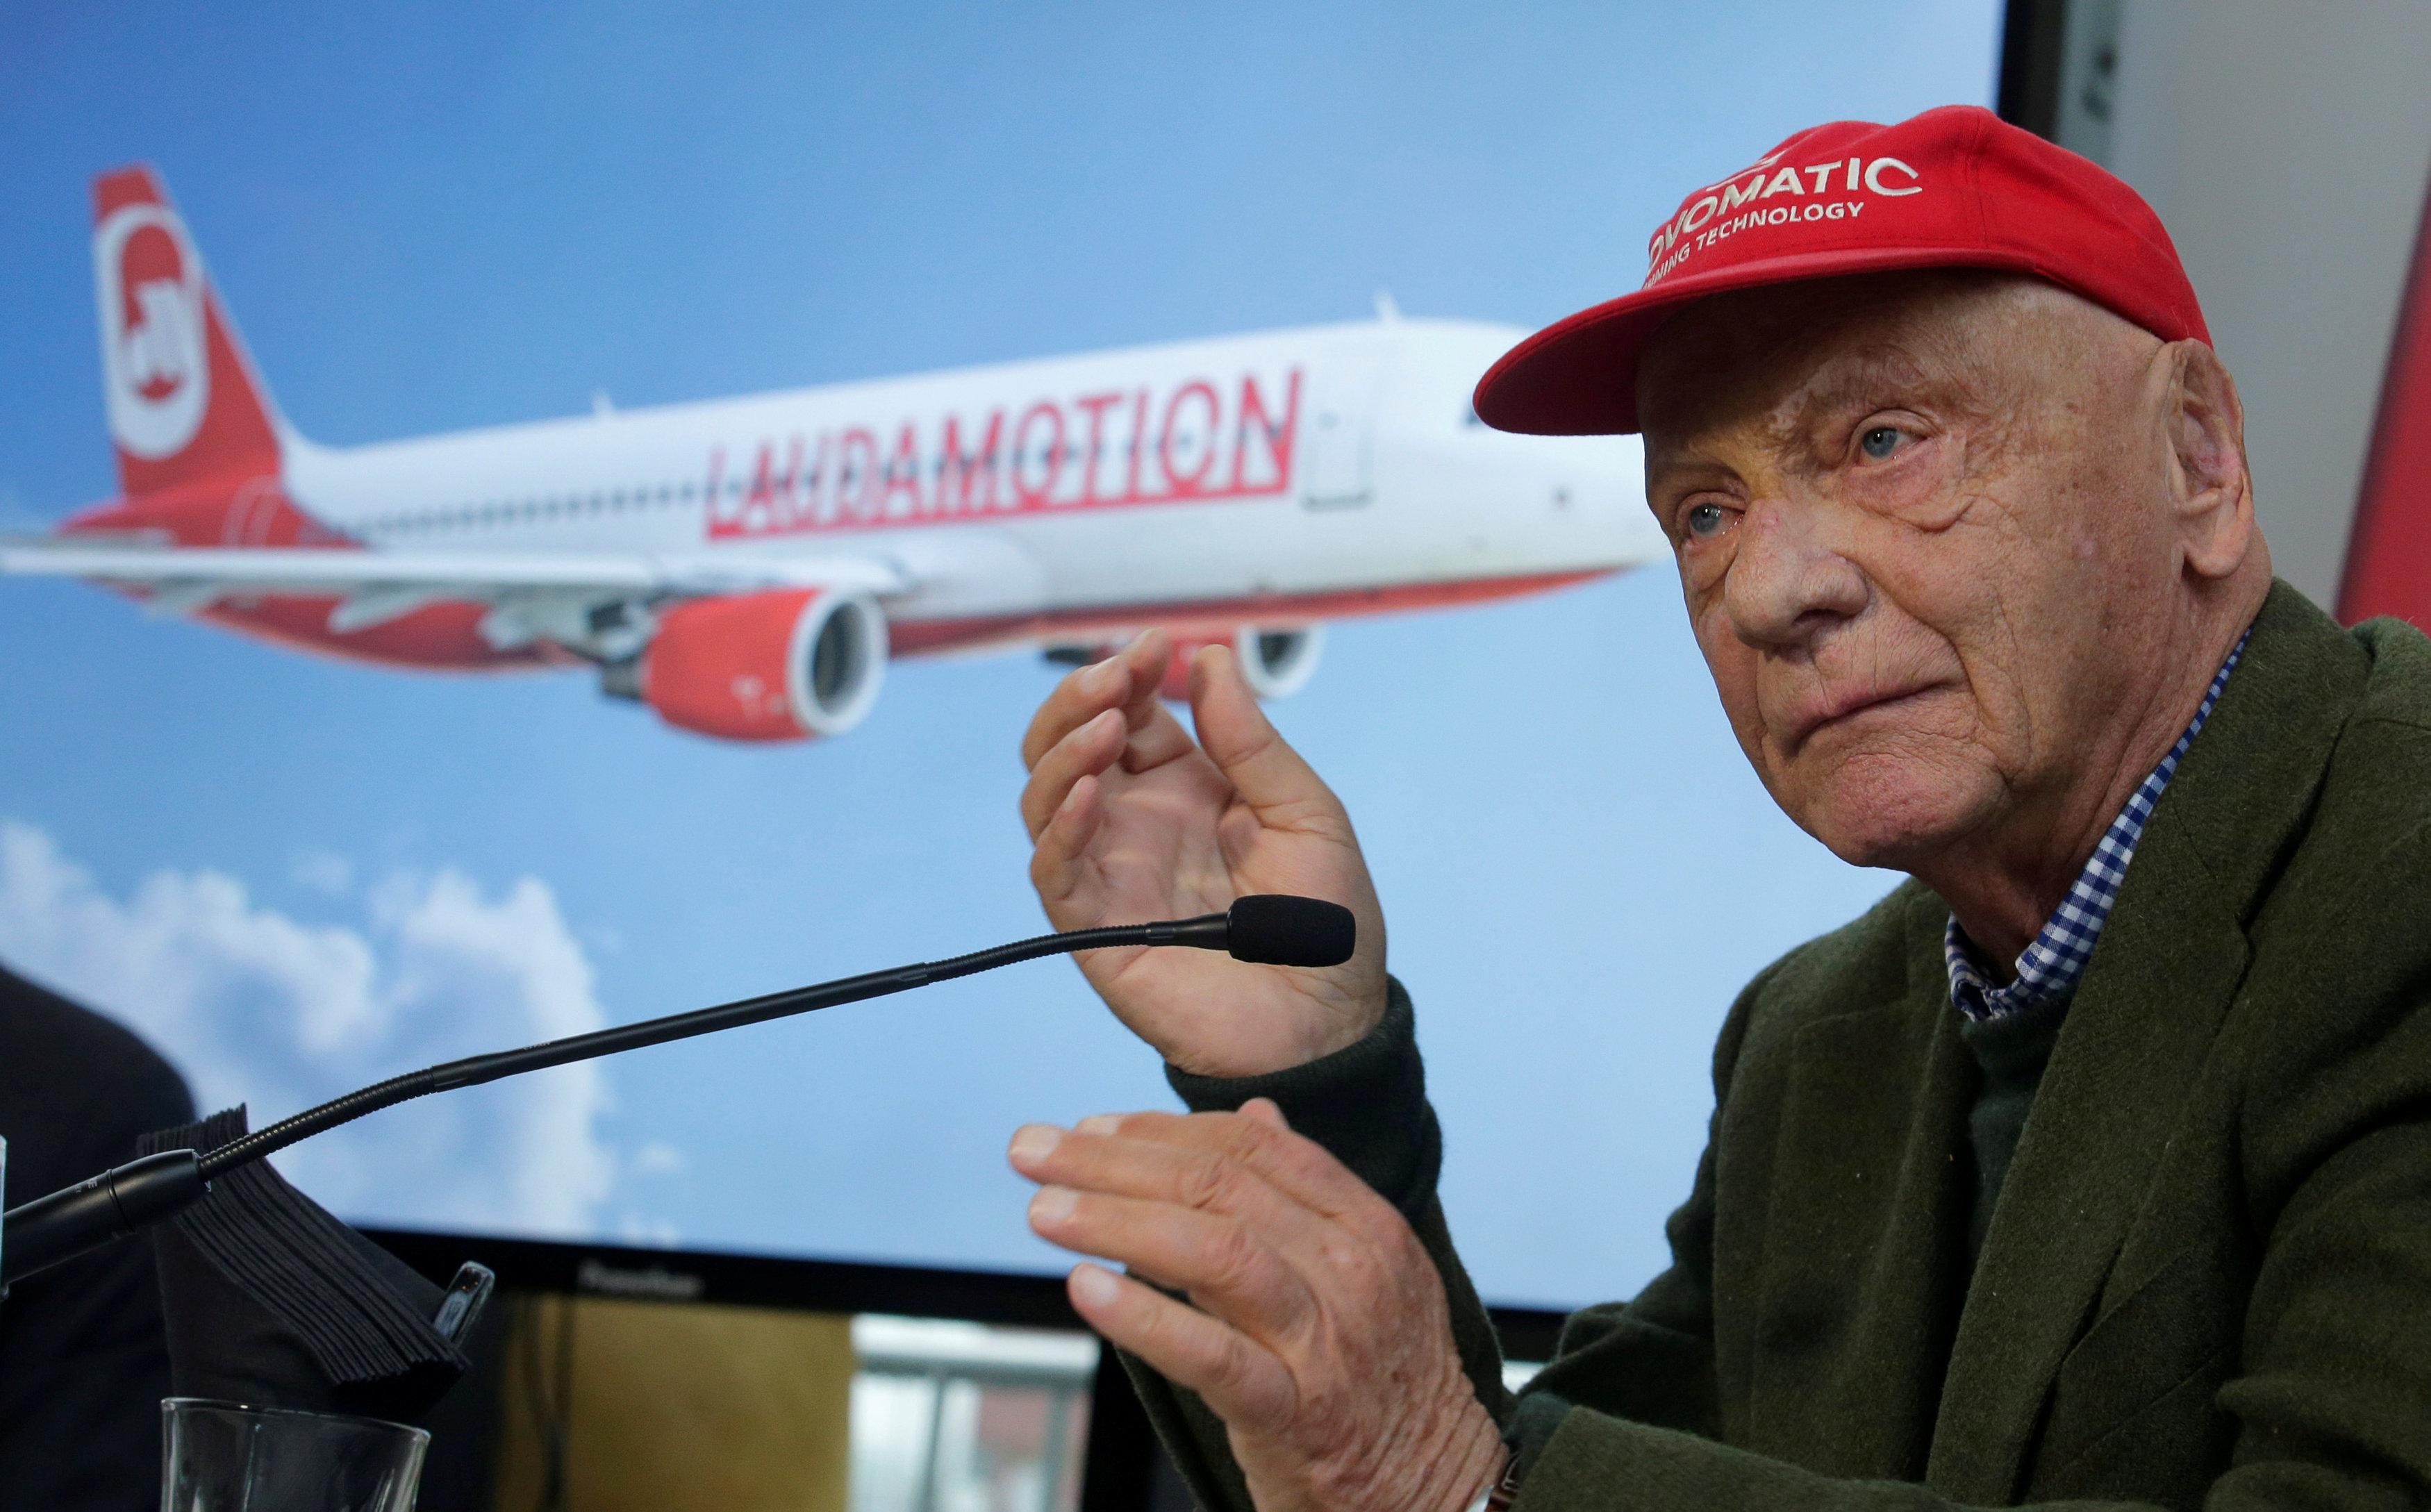 Niki Lauda : Υποβλήθηκε σε μεταμόσχευση πνεύμονα λόγω σοβαρής γρίπης | tovima.gr